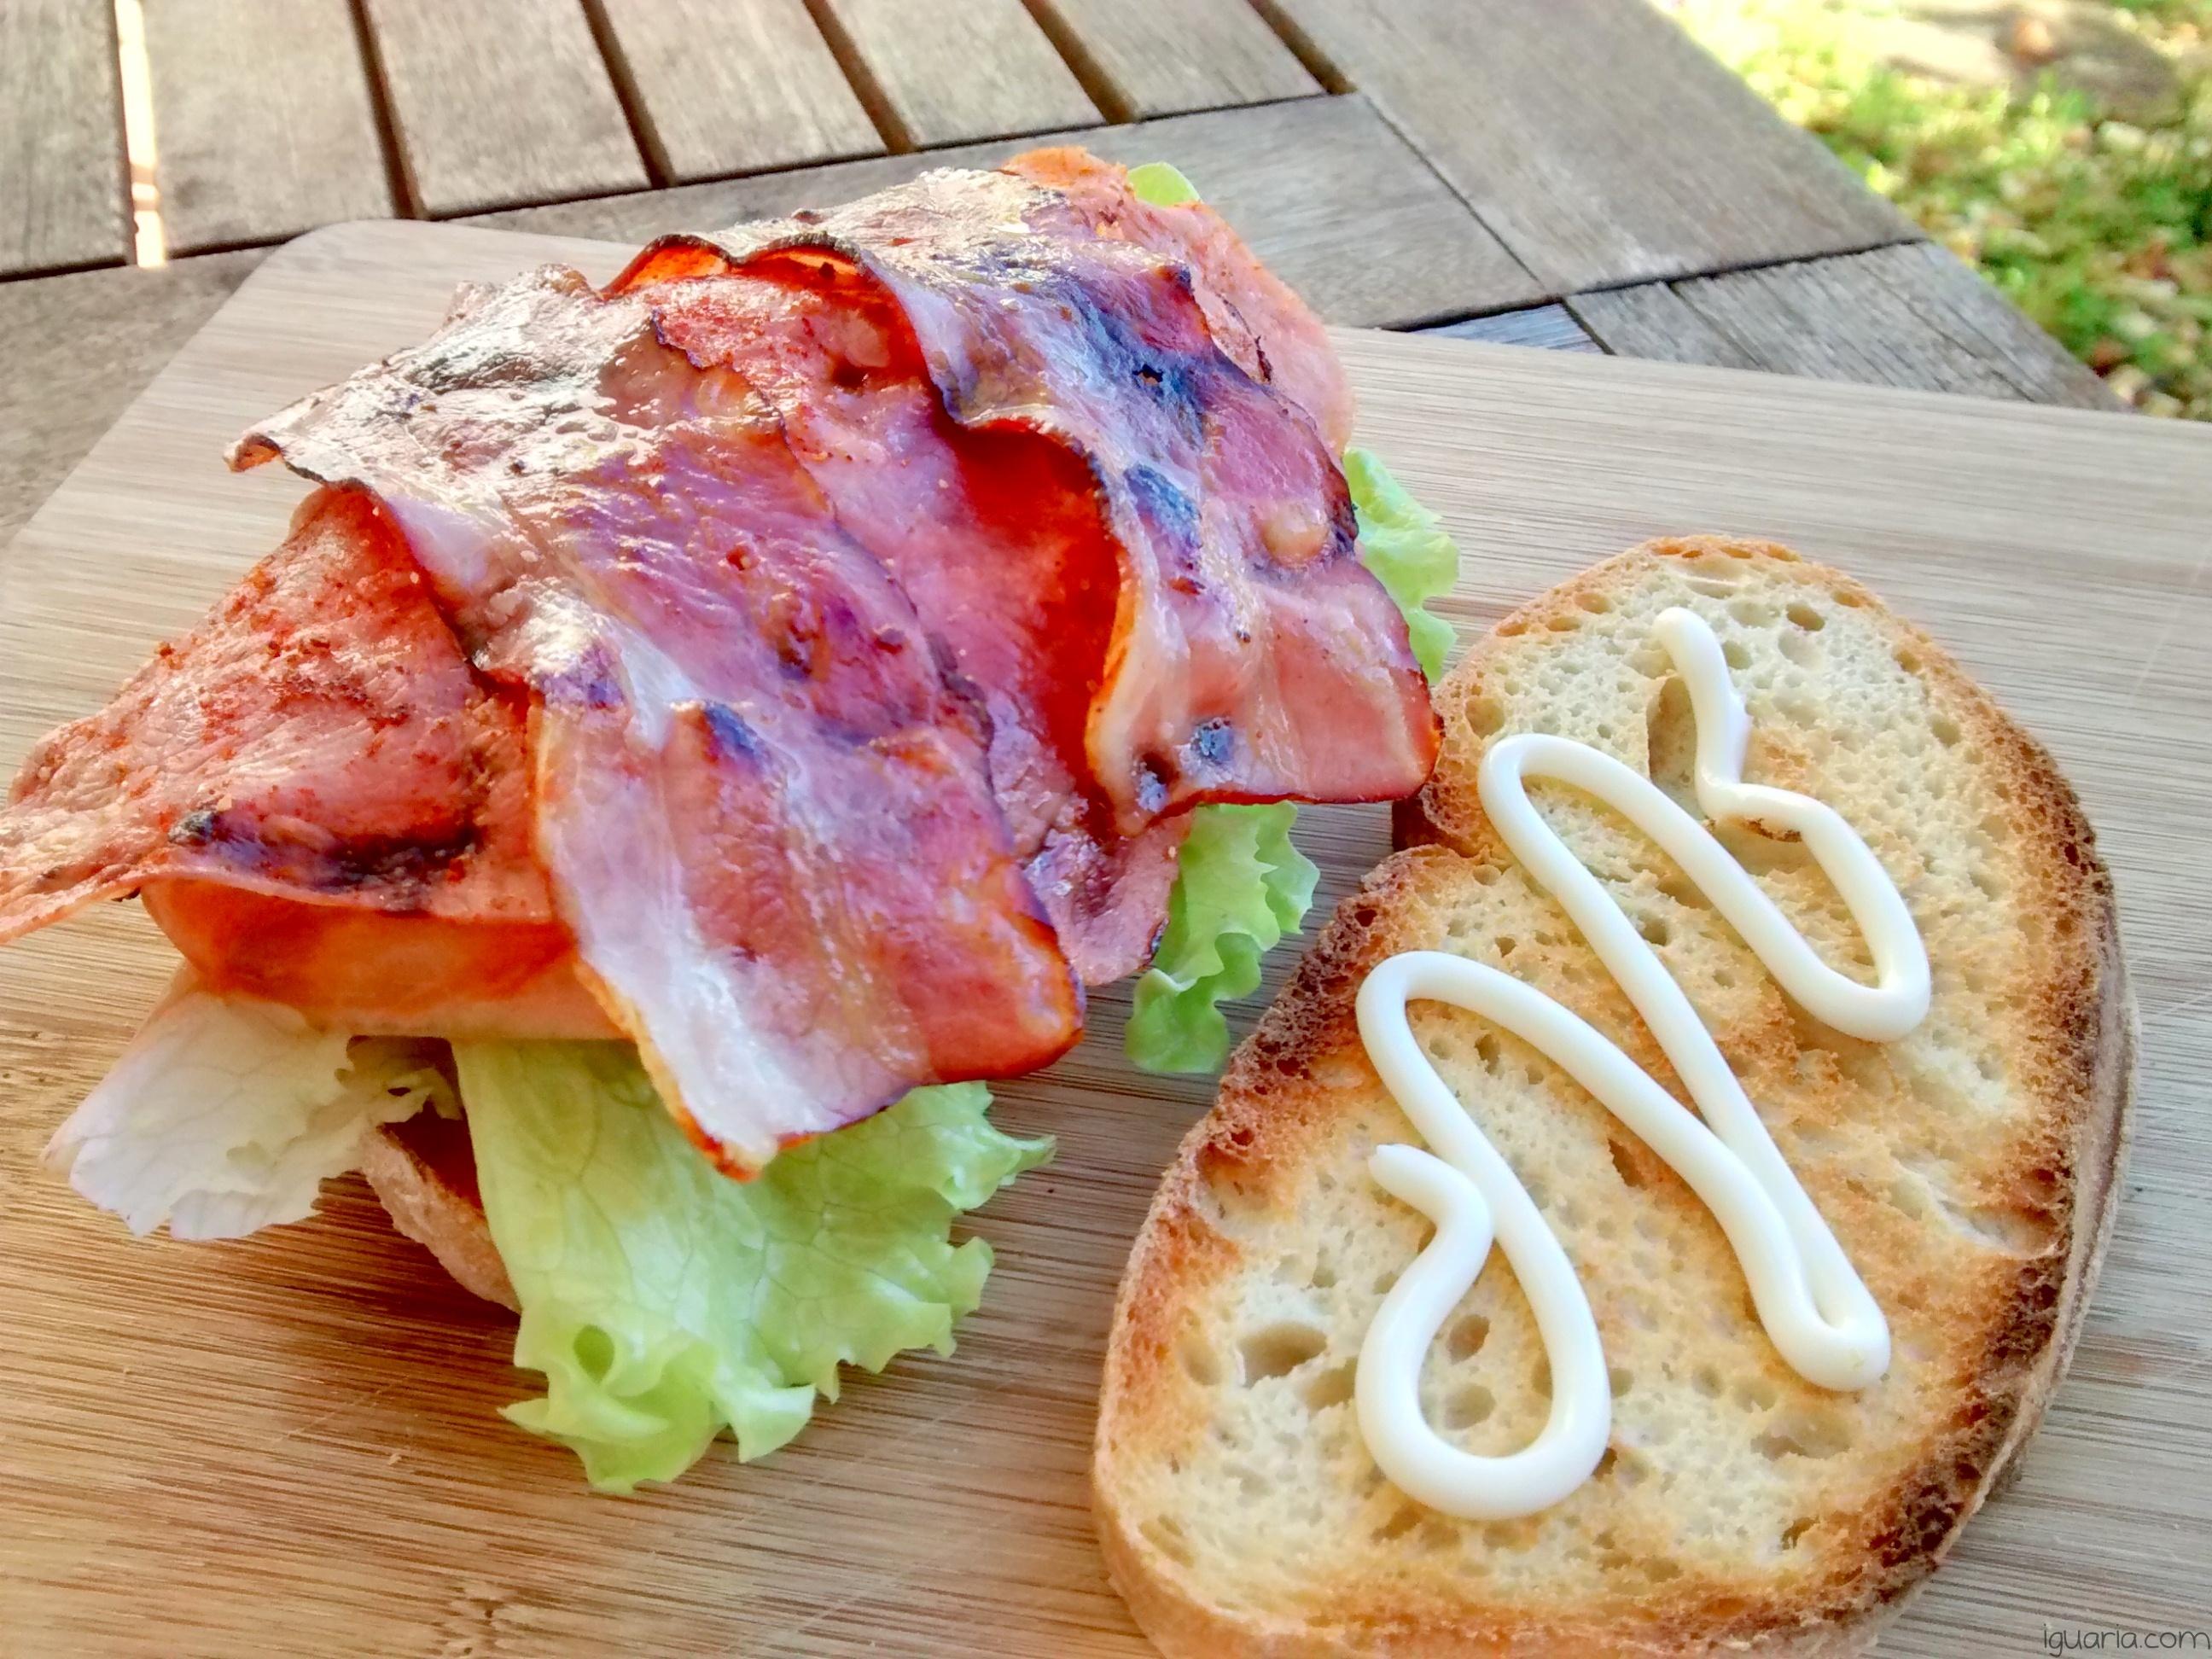 Iguaria_Sandes-Bacon-Fiambre-Maionese